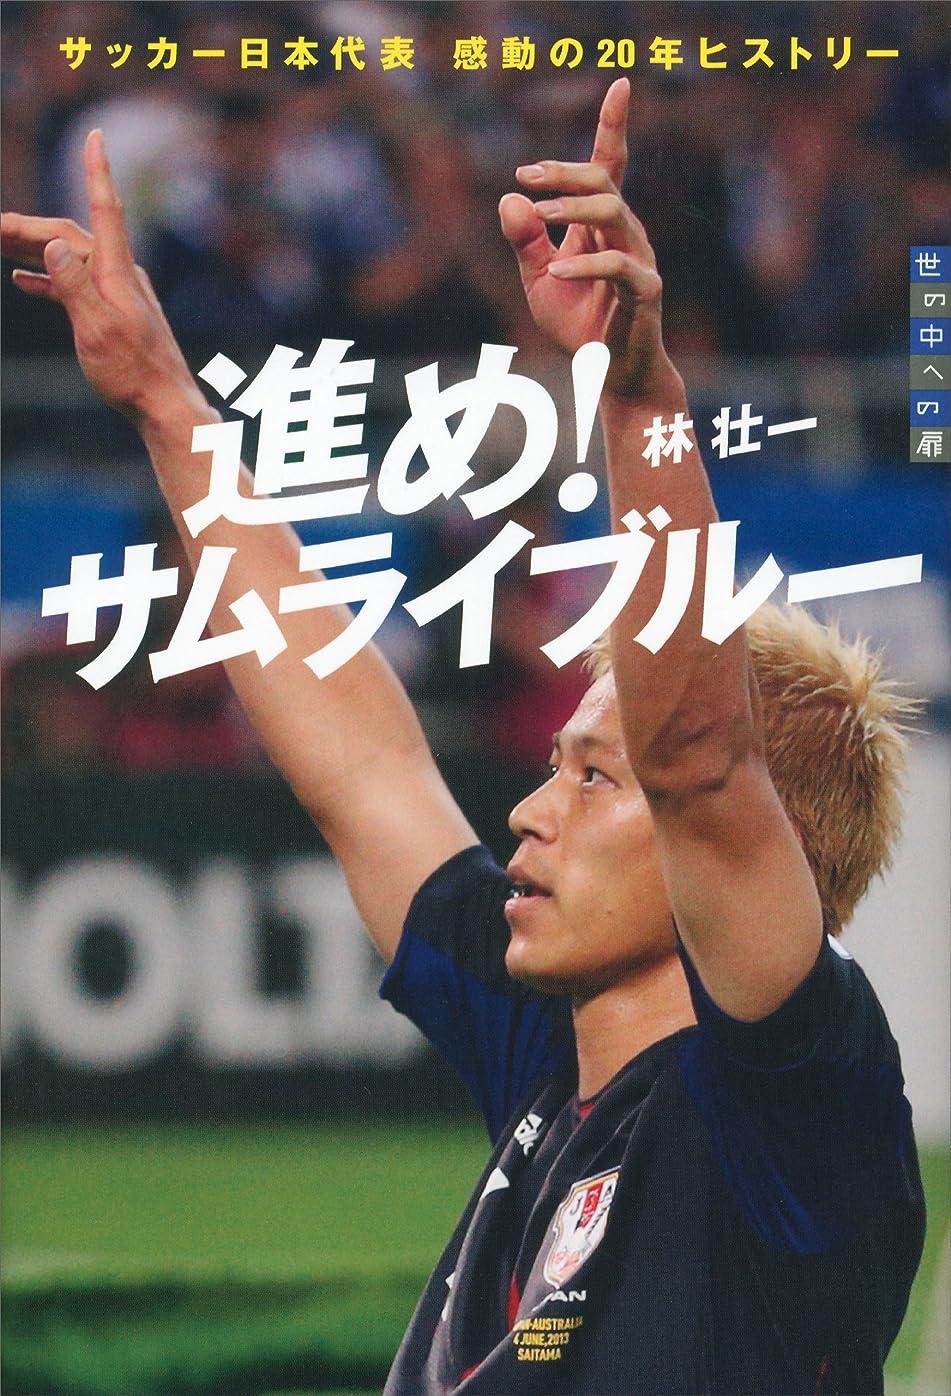 畝間ブリード適格進め! サムライブルー 世の中への扉 サッカー日本代表 感動の20年ヒストリー